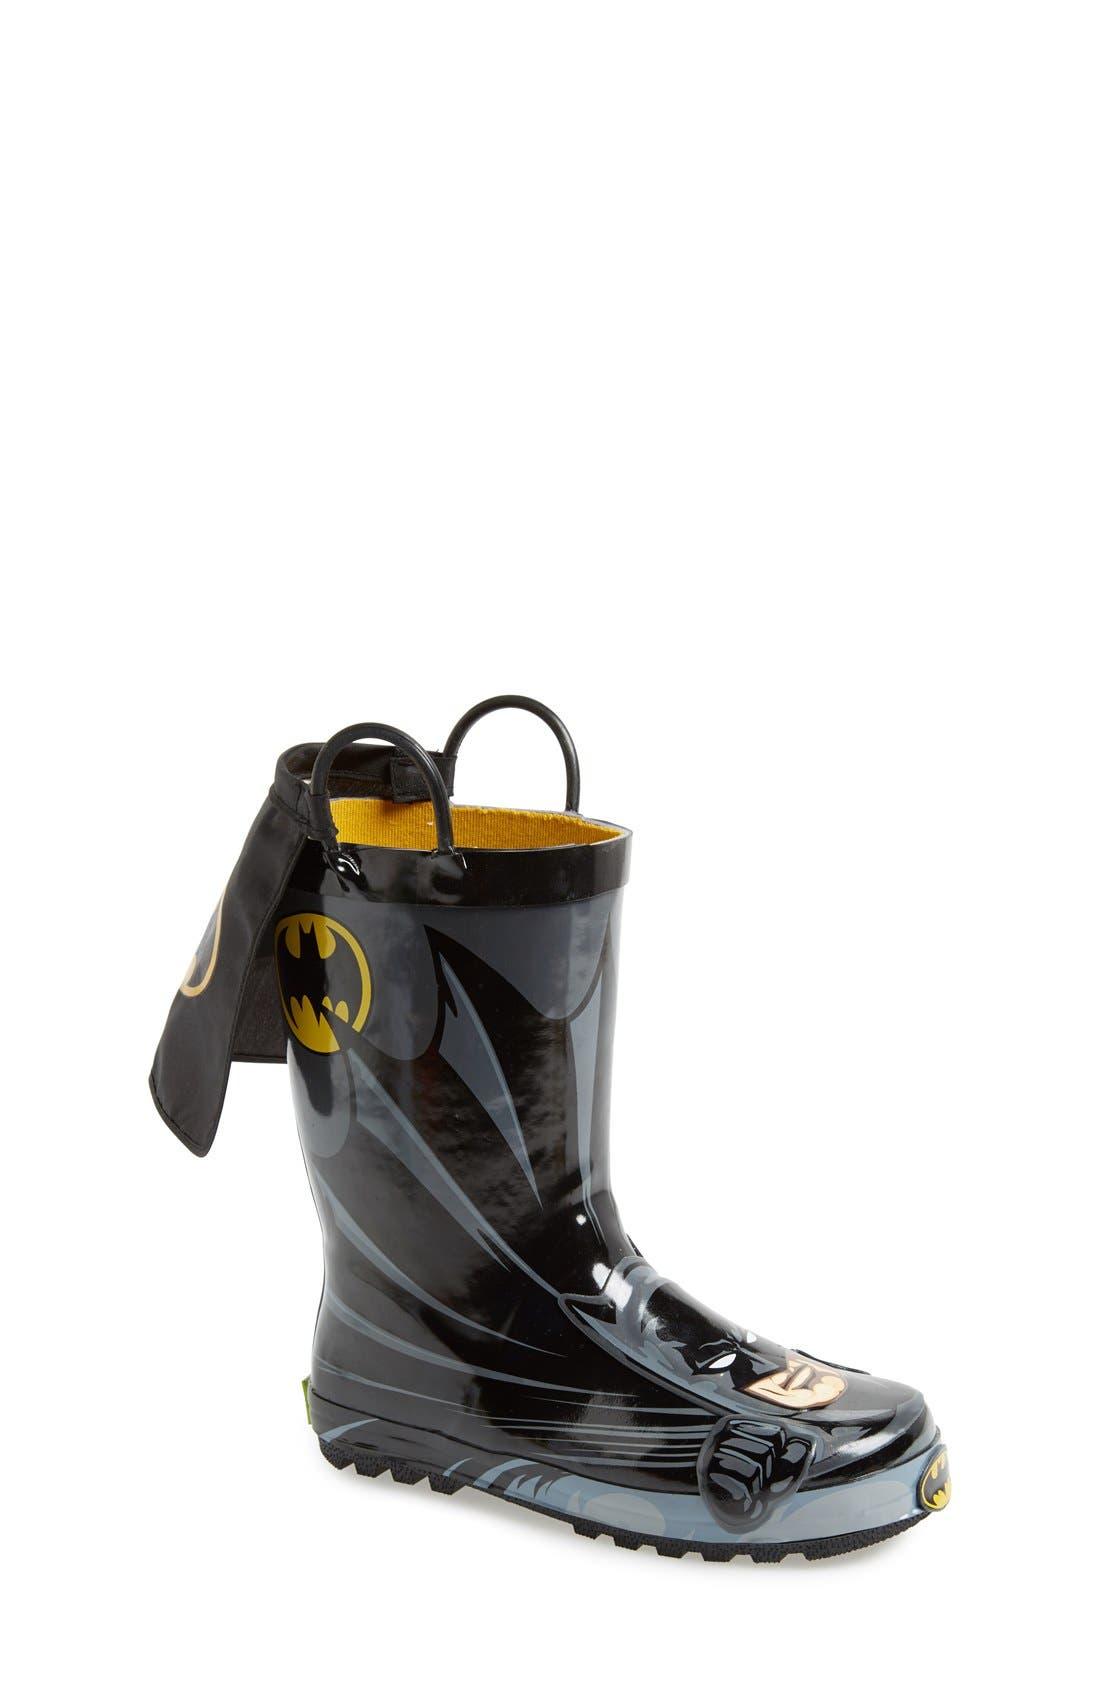 Alternate Image 1 Selected - Western Chief 'Batman Everlasting' Waterproof Rain Boot (Walker, Toddler & Little Kid)